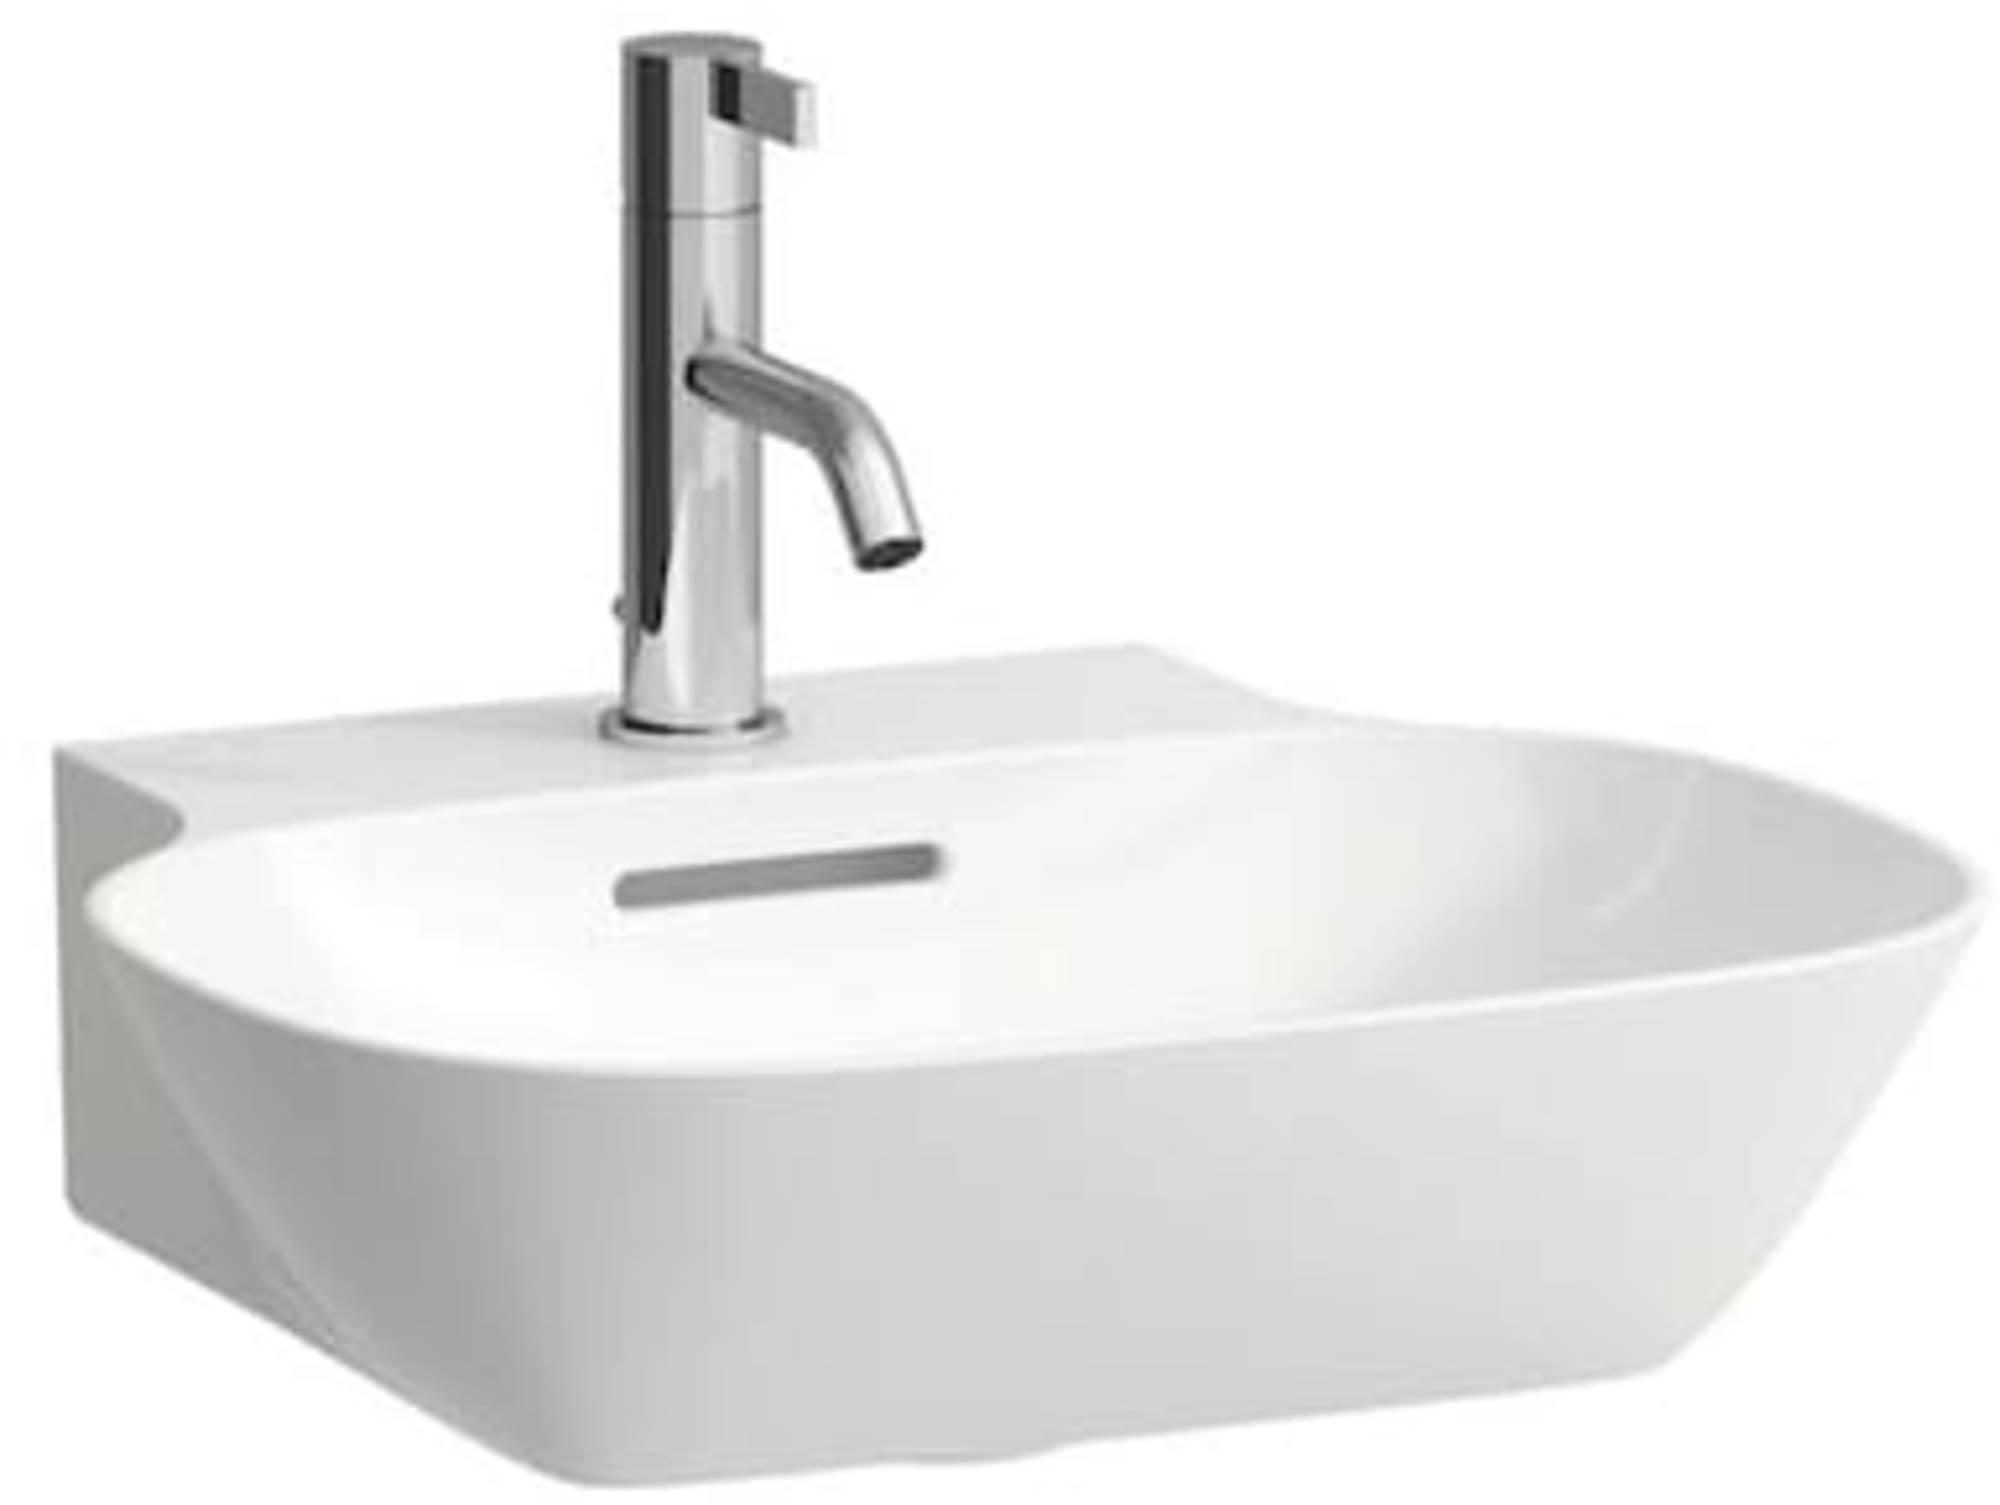 Wasbak Toilet Klein : Toilet klein wastafel toilet klein andagames